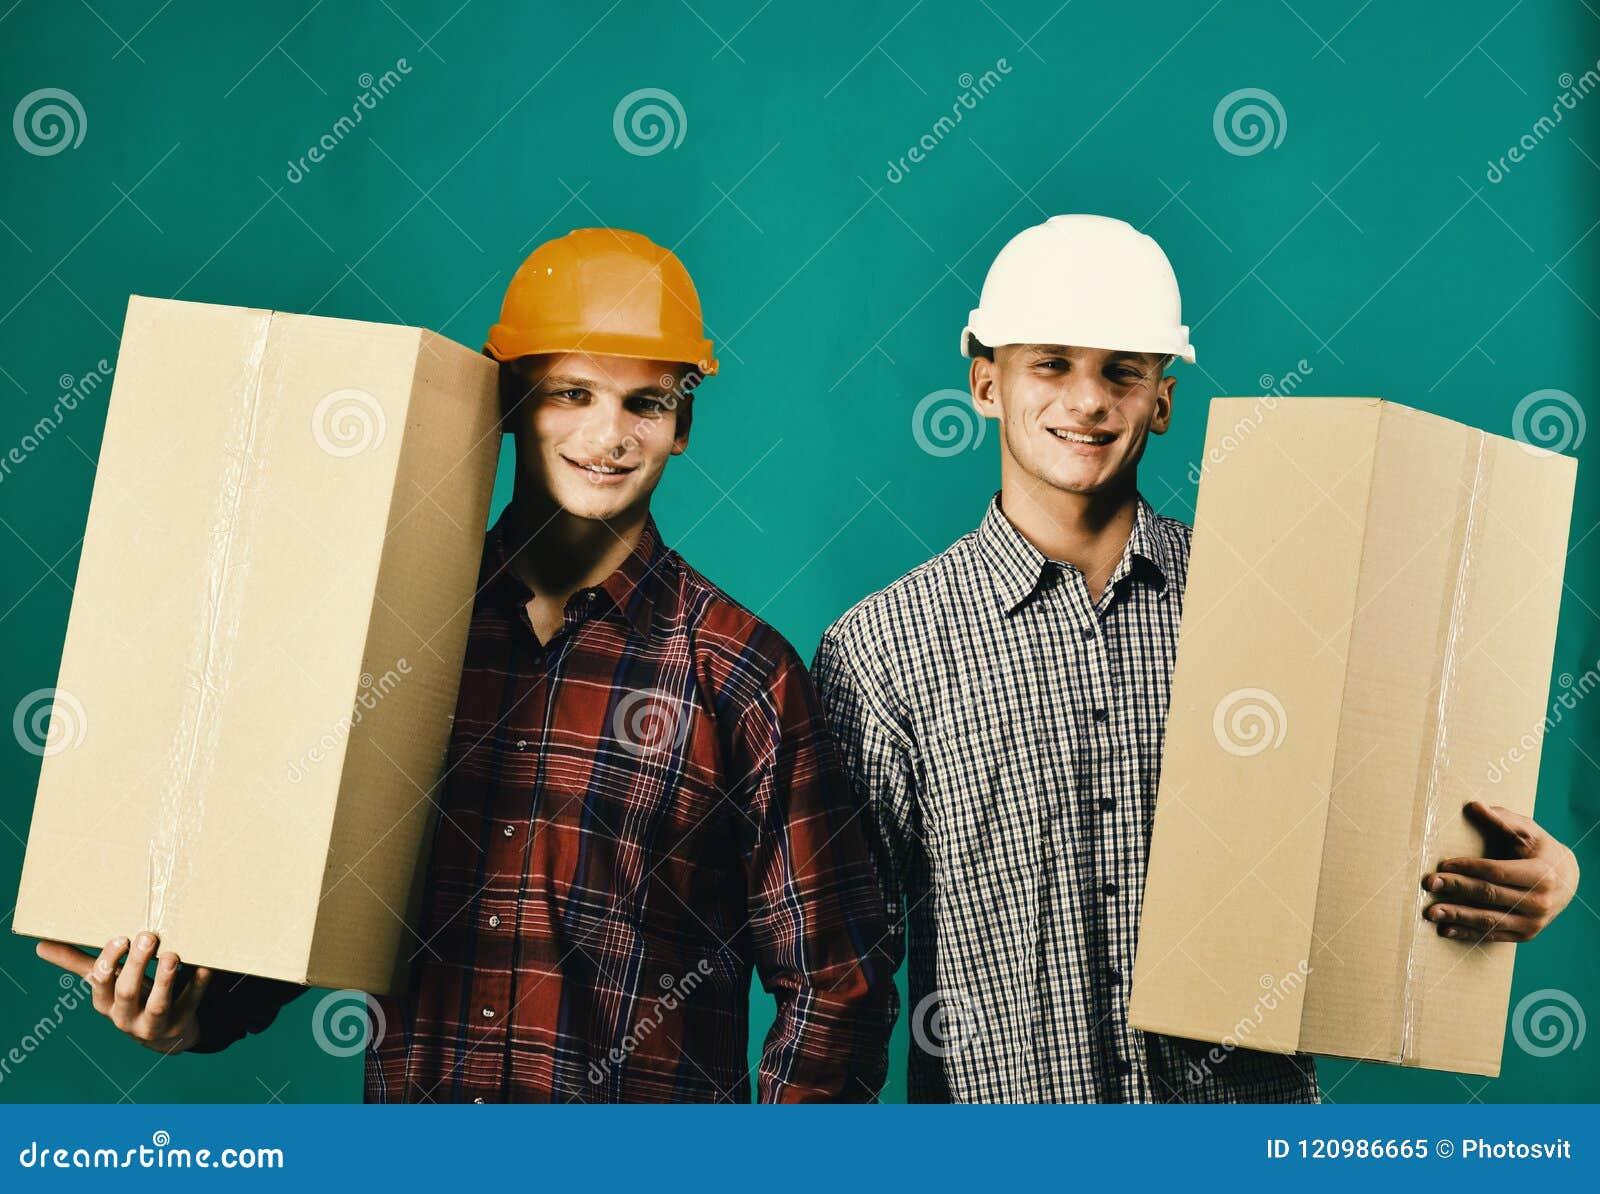 Близнецы с коробками владением шлемов Поставка и moving концепция